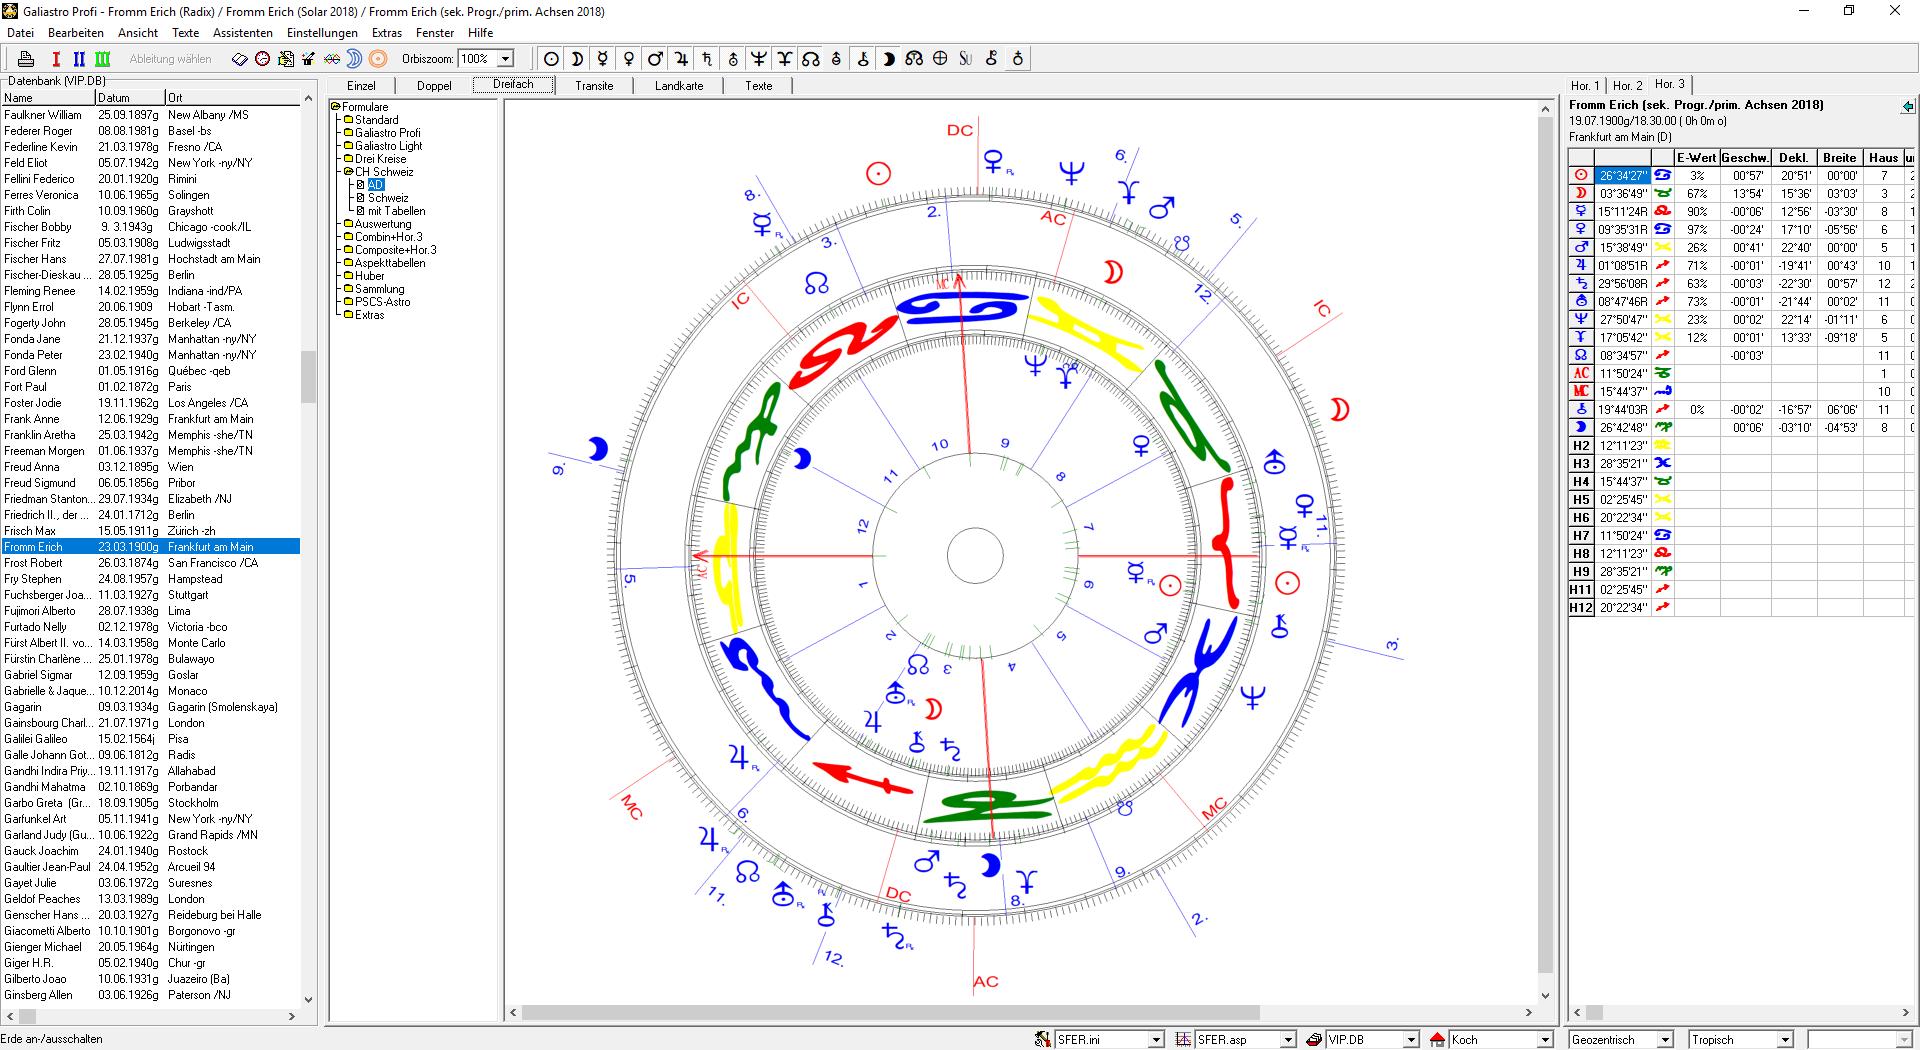 Dreifachzeichnung Radix, Solar, Sekundär/sek. Achsen